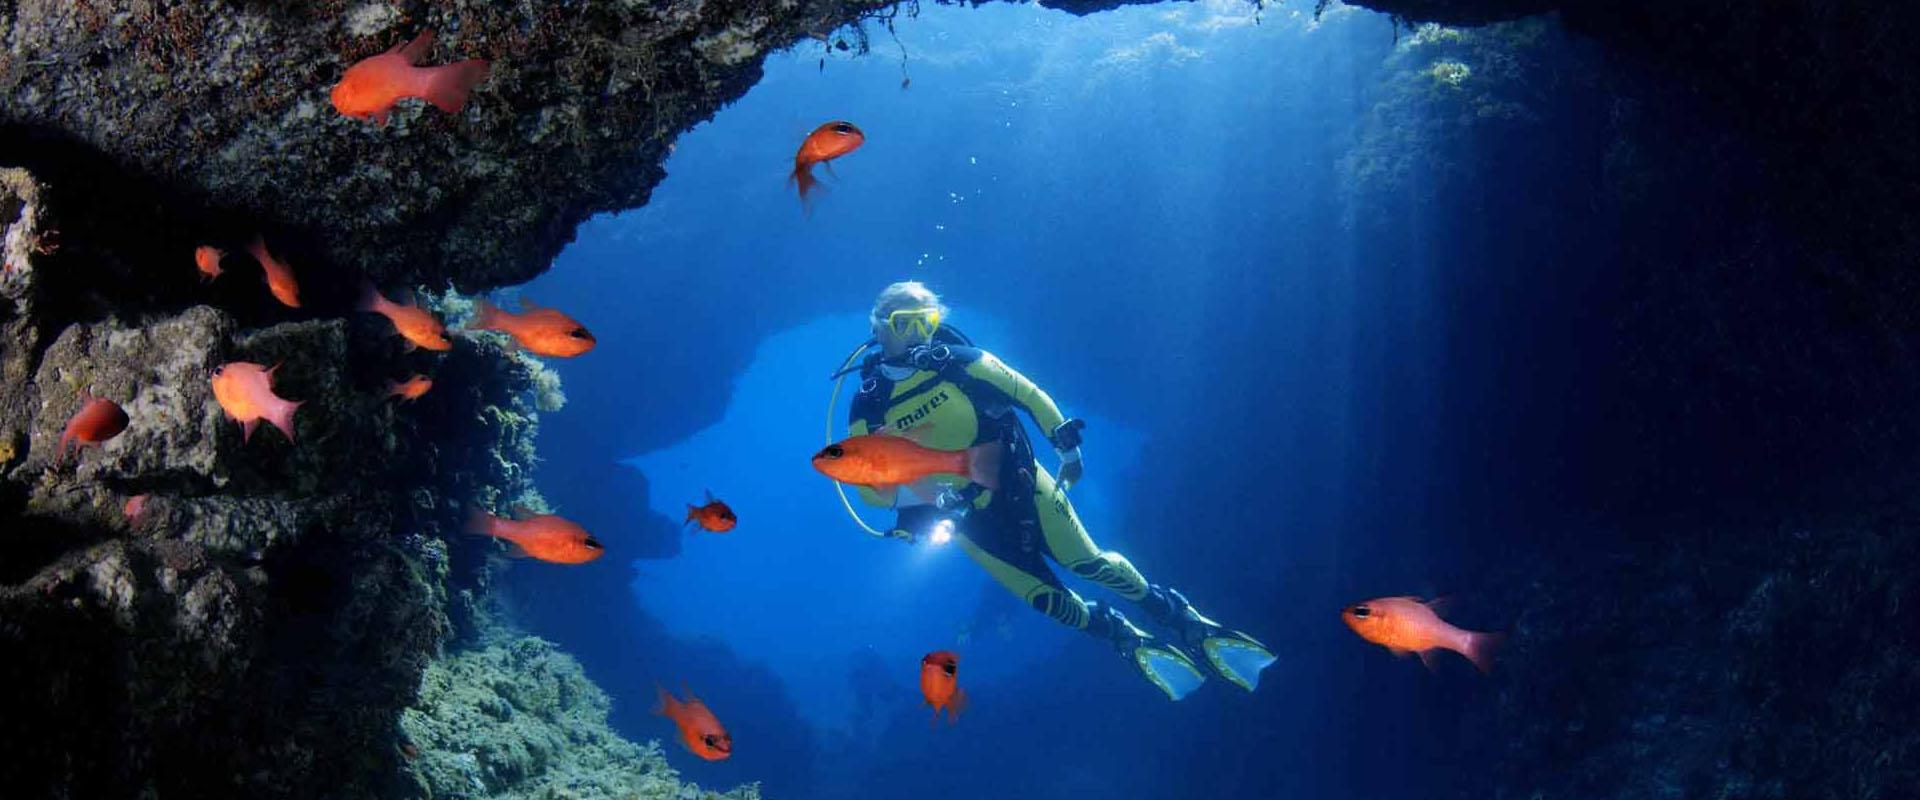 Scuba Diving Waikiki, Honolulu, Oahu, North Shore | Banzai